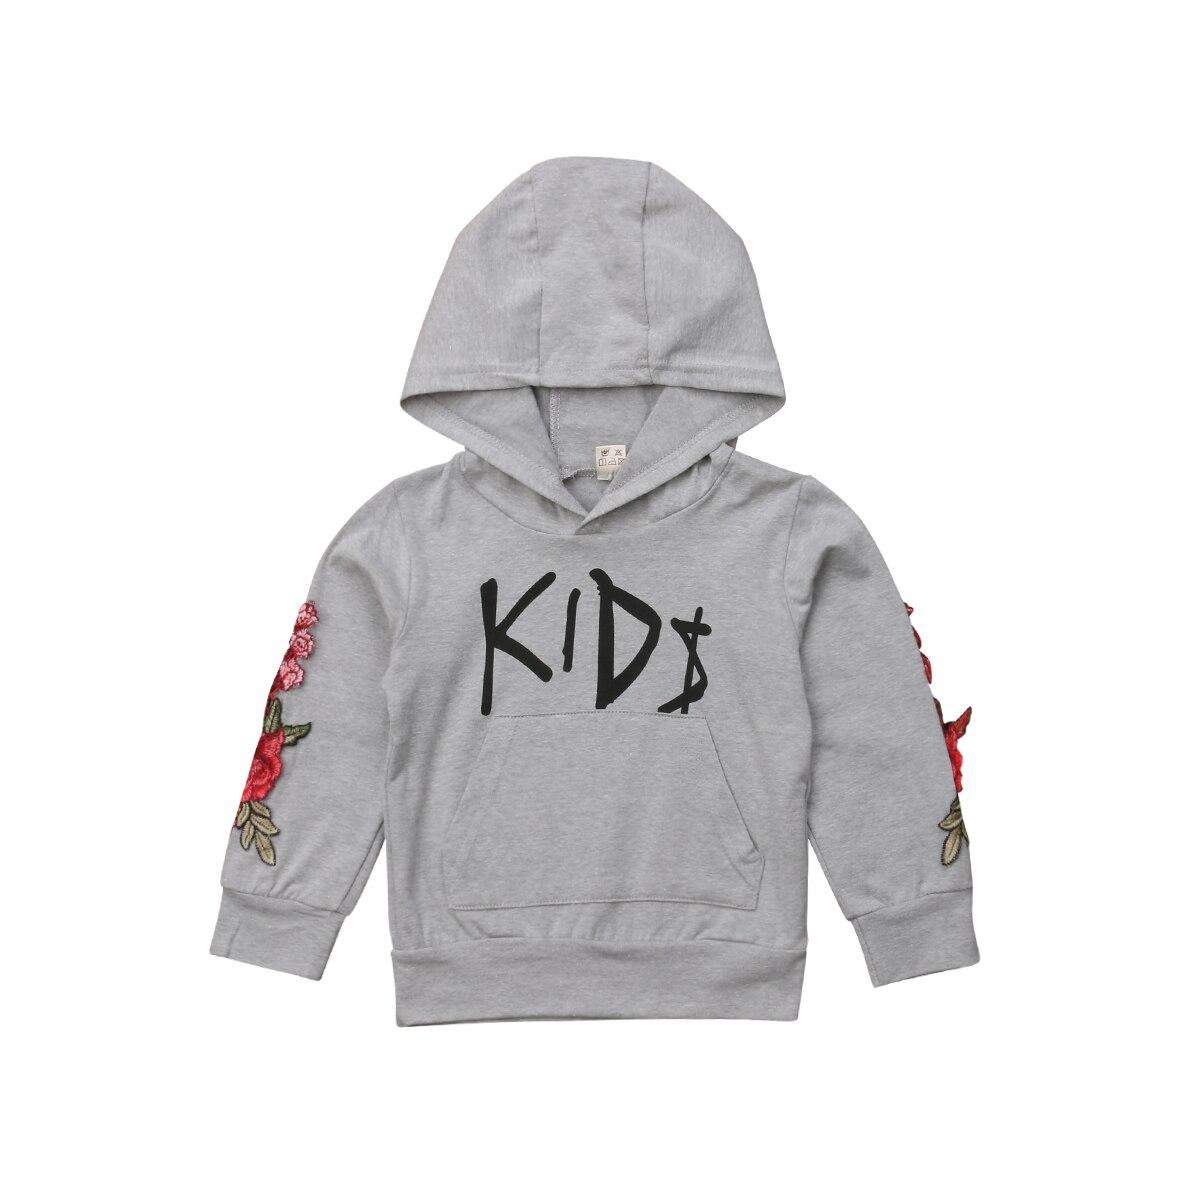 2018 Mode Kinder Jungen Mit Kapuze Sweatshirt Sport Hoodies Casual Kleinkind Kleidung Herbst 1-5 T Neue Verkaufsrabatt 50-70%